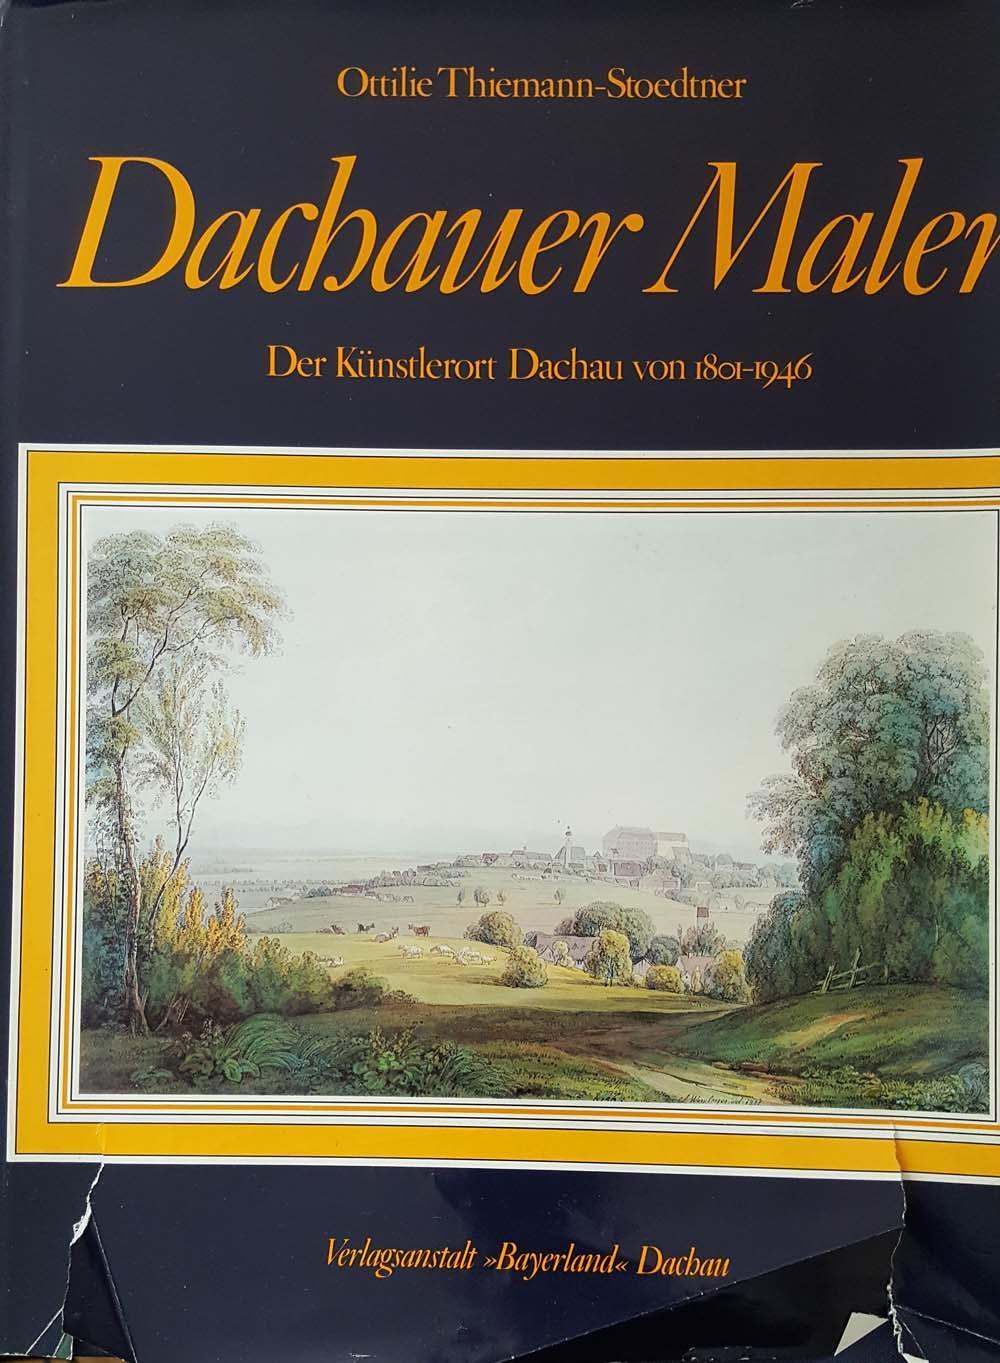 Dachauer Maler Der Künstlerort Dachau von 1801: Thiemann-Stoedtner, Ottilie und